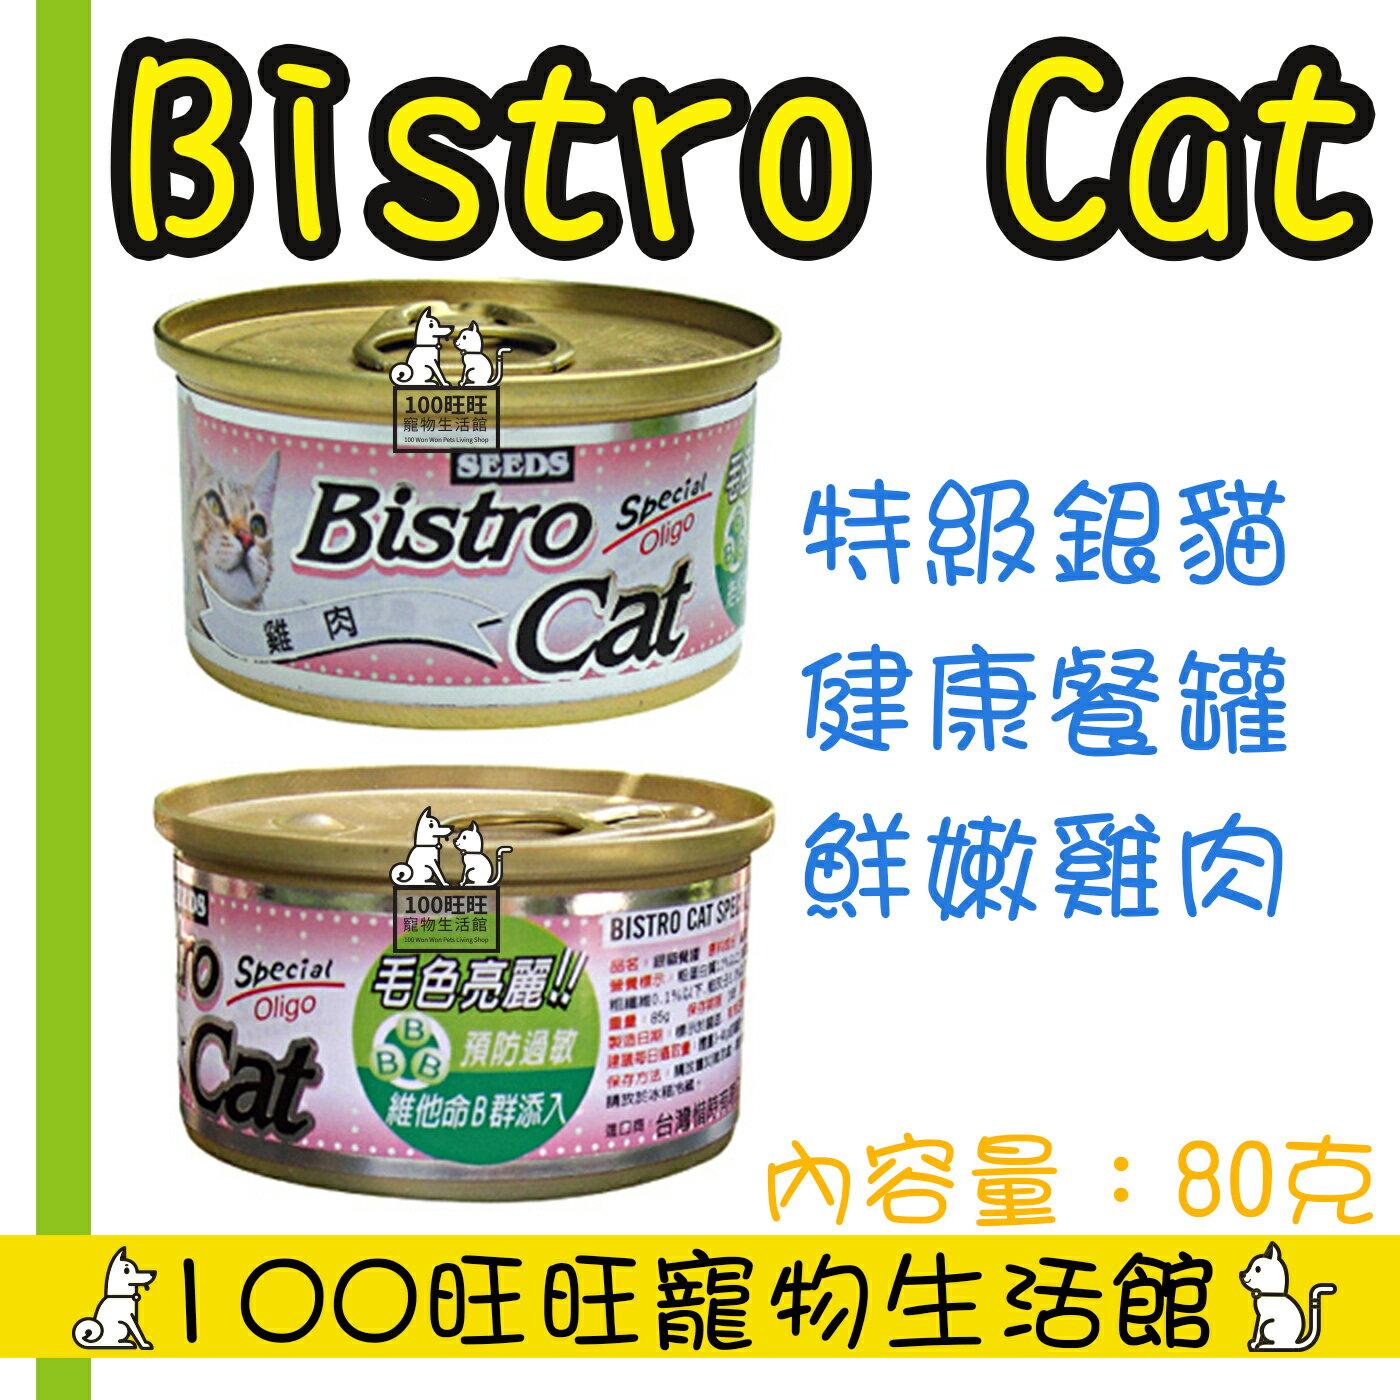 SEEDS 惜時 聖萊西 Bistro cat 特級銀貓健康餐罐 80g 銀罐 小銀 單罐 8